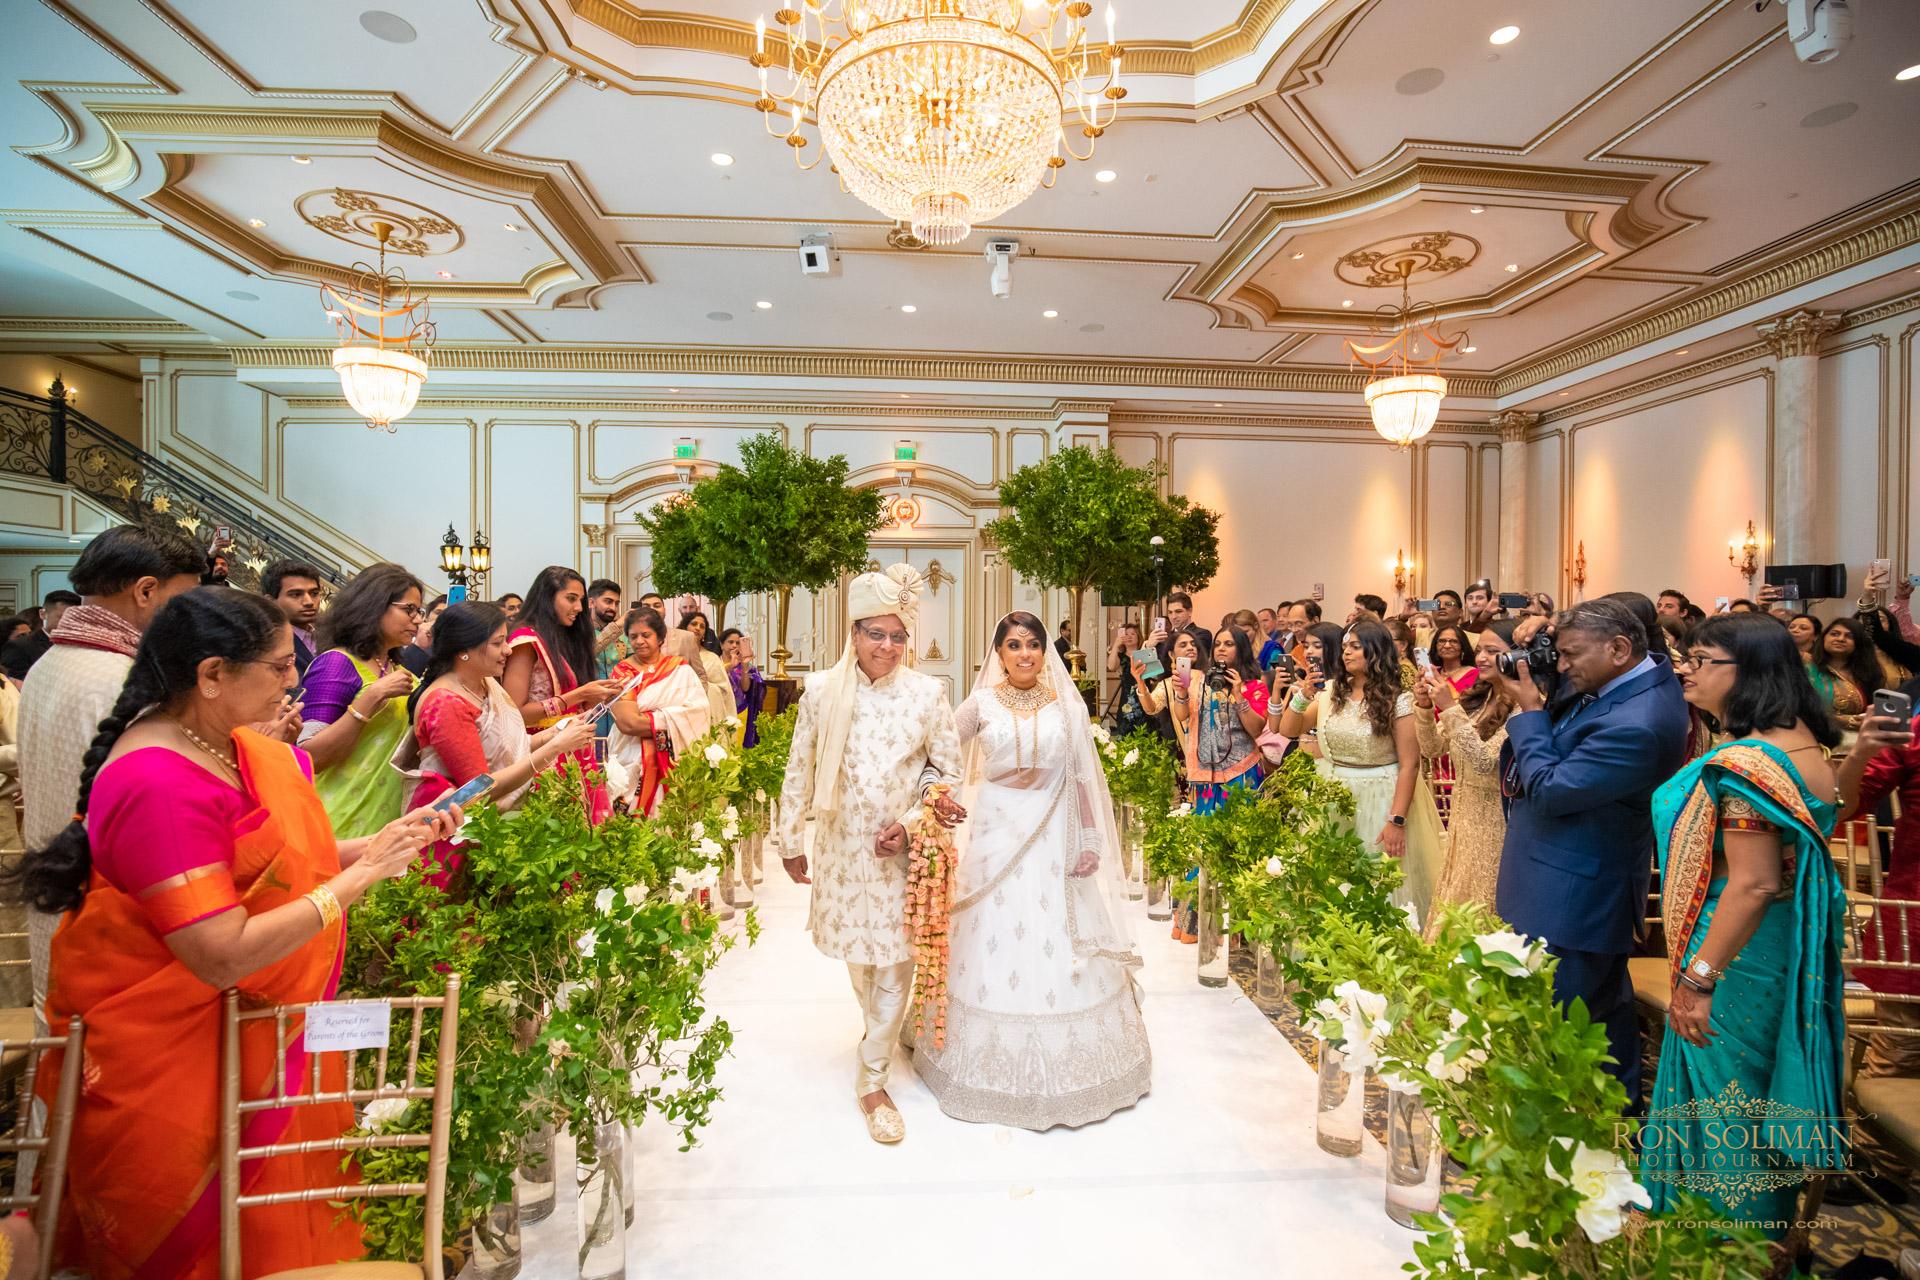 LEGACY CASTLE WEDDING 17